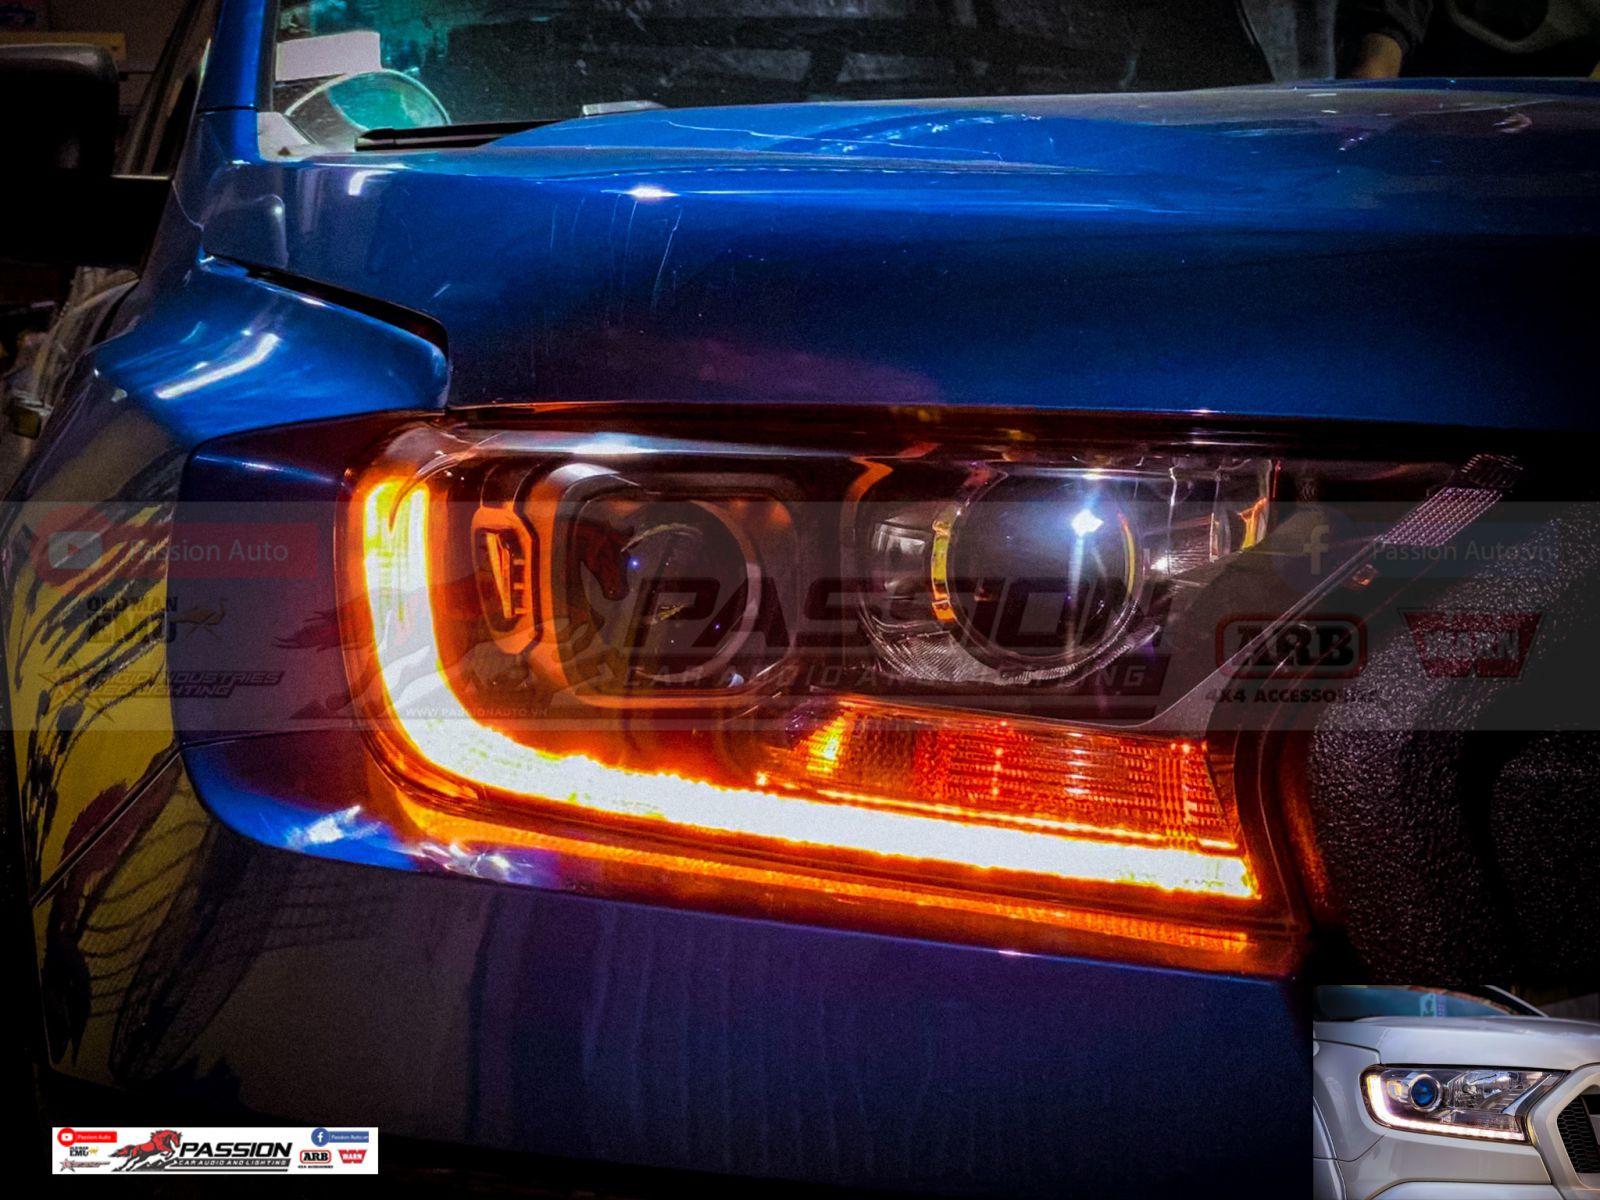 Passion Auto chuyên độ đèn cho xe ô tô giá rẻ